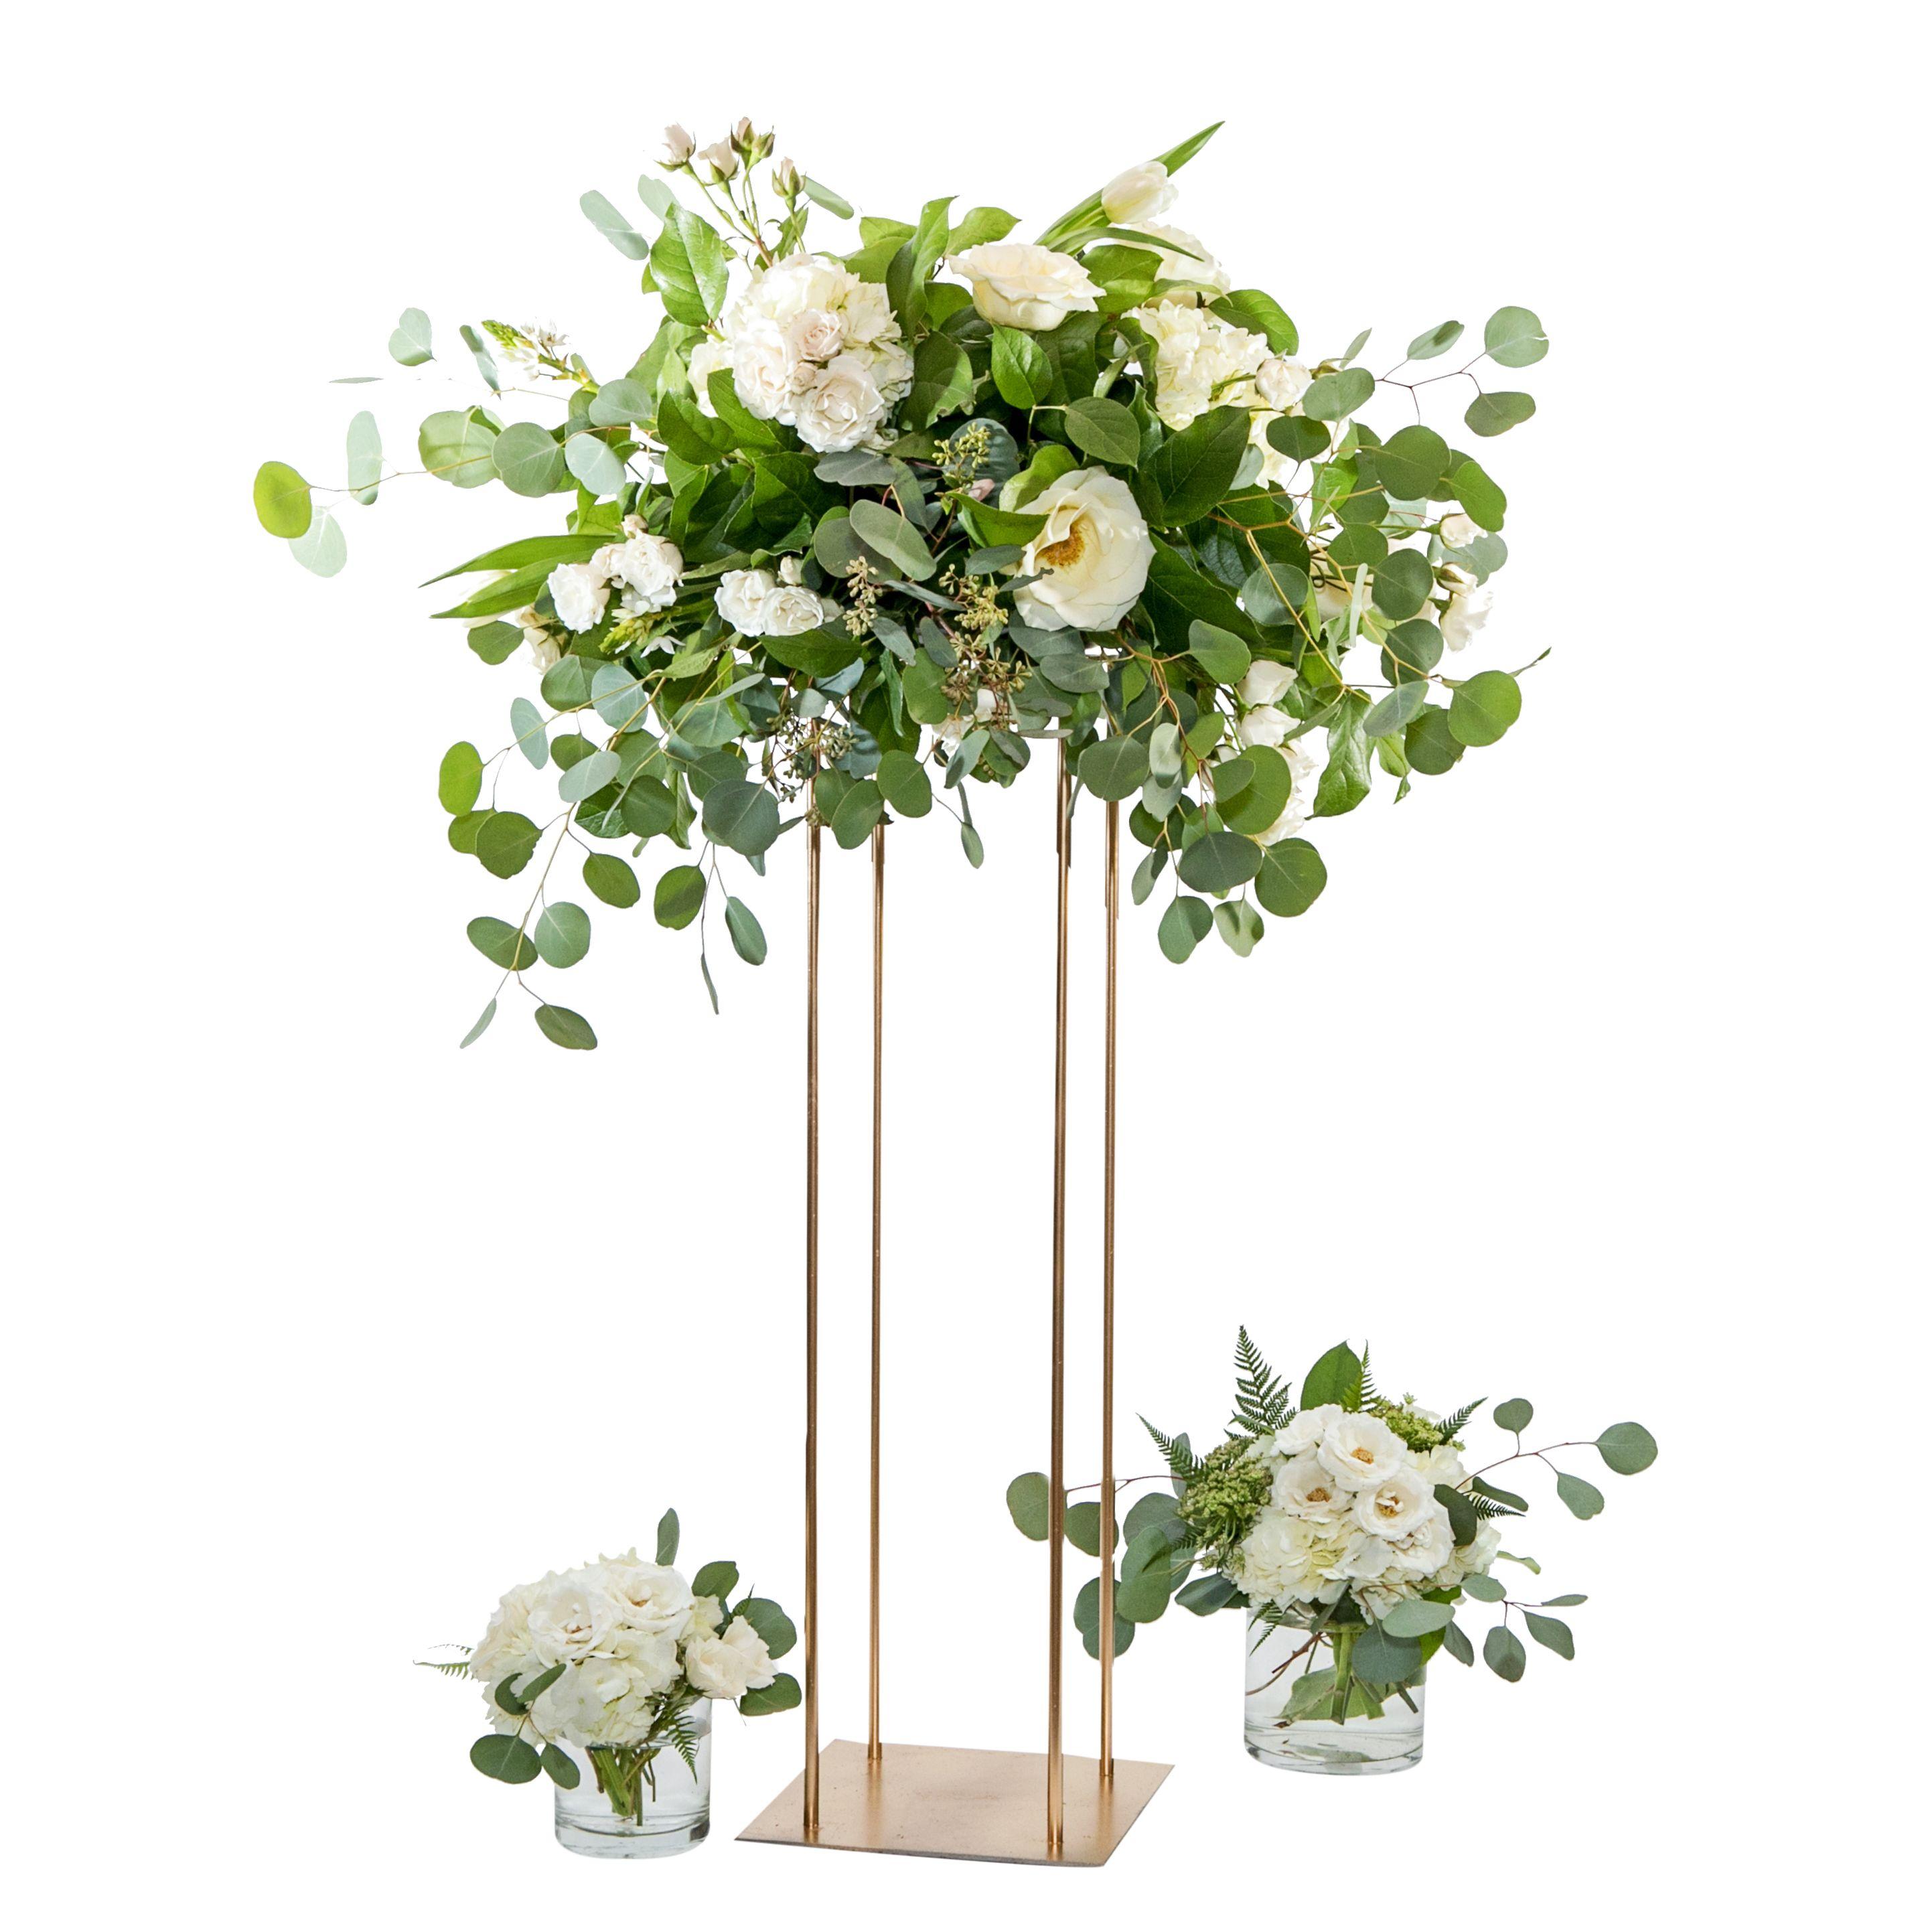 Florist Tall Gold Metal Stand (rental) Flower